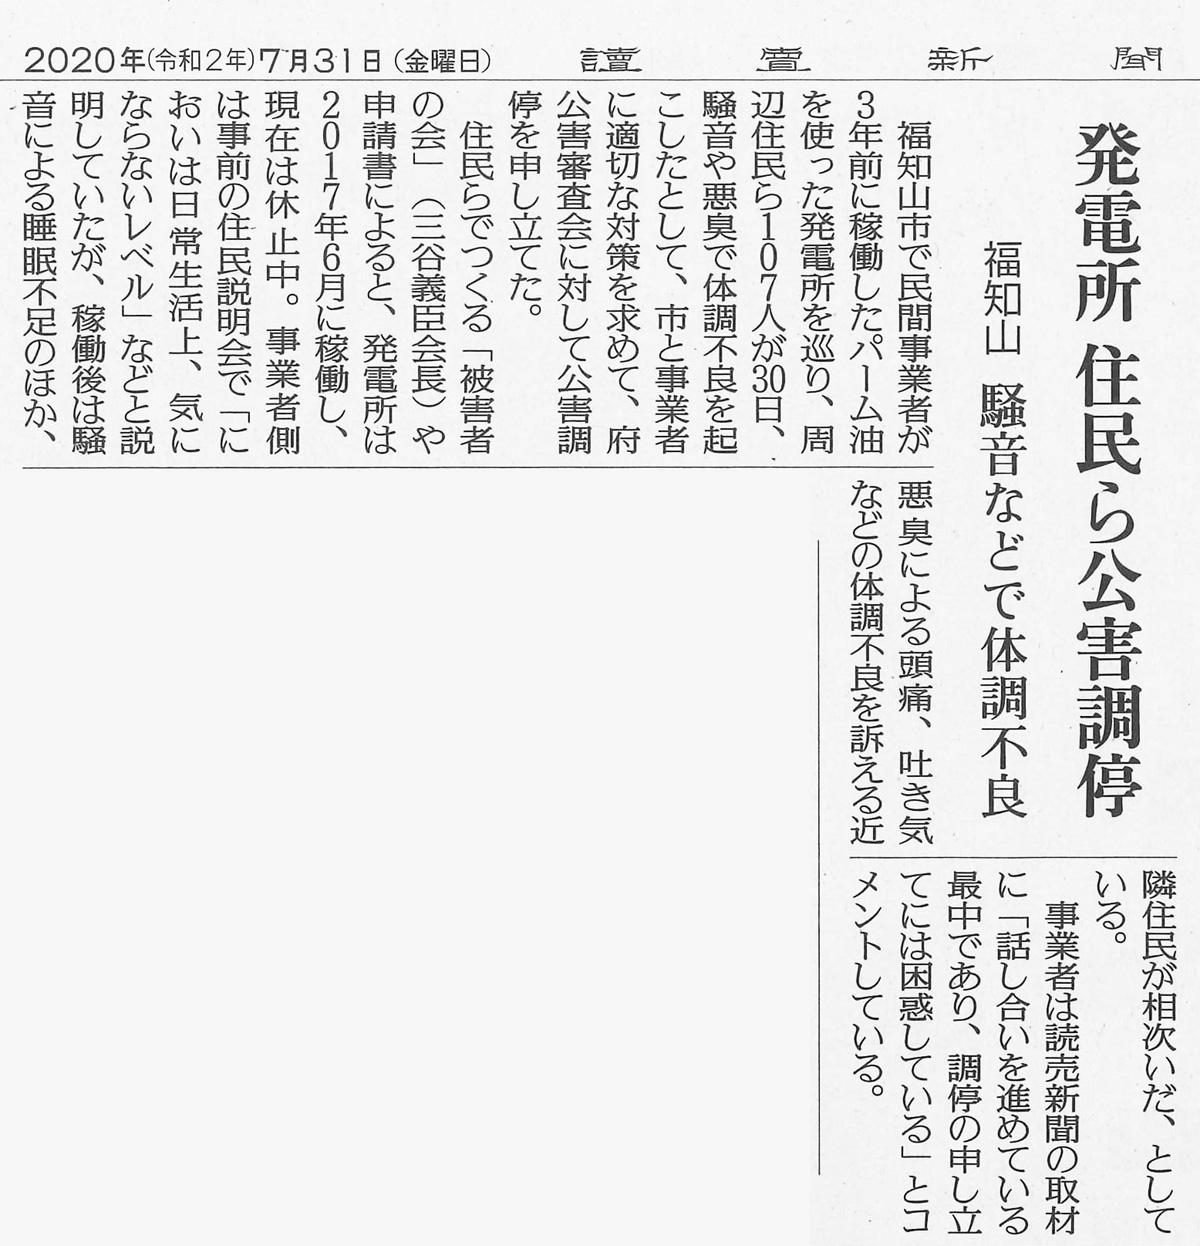 三恵観光に対する公害調停の新聞報道